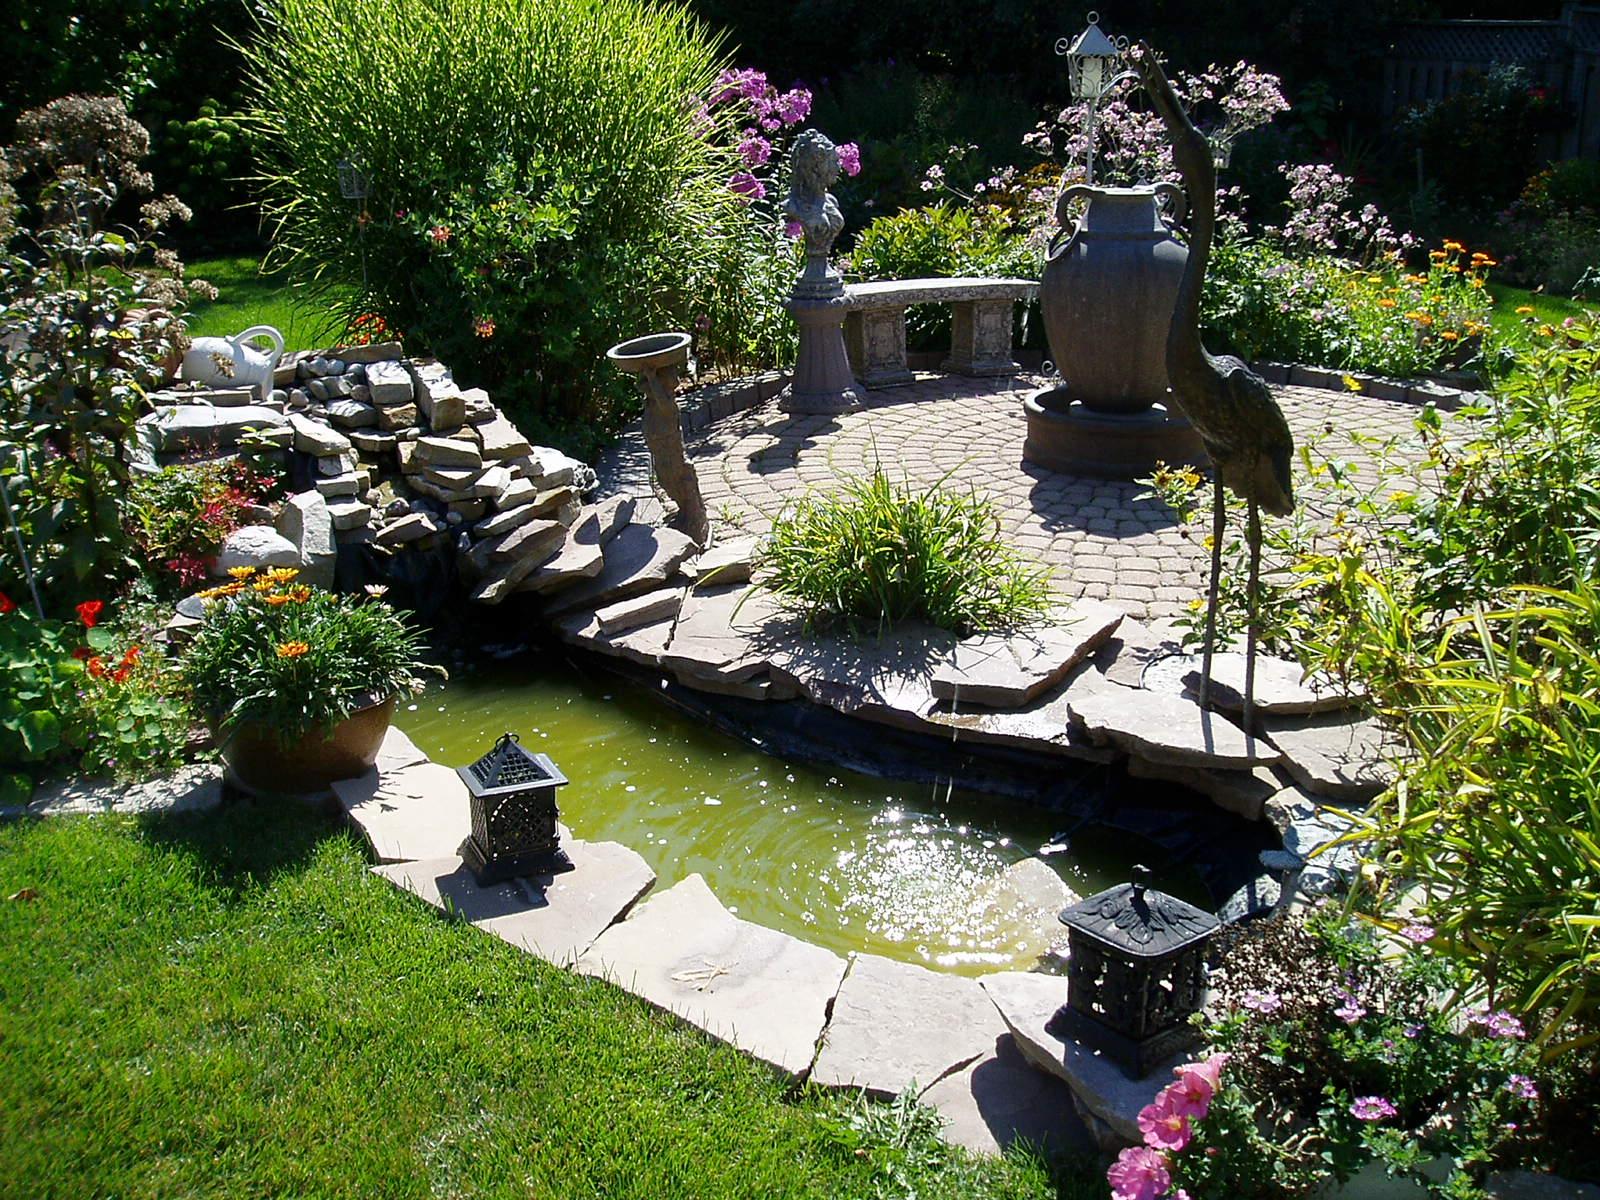 garden design ideas for small backyards photo - 4